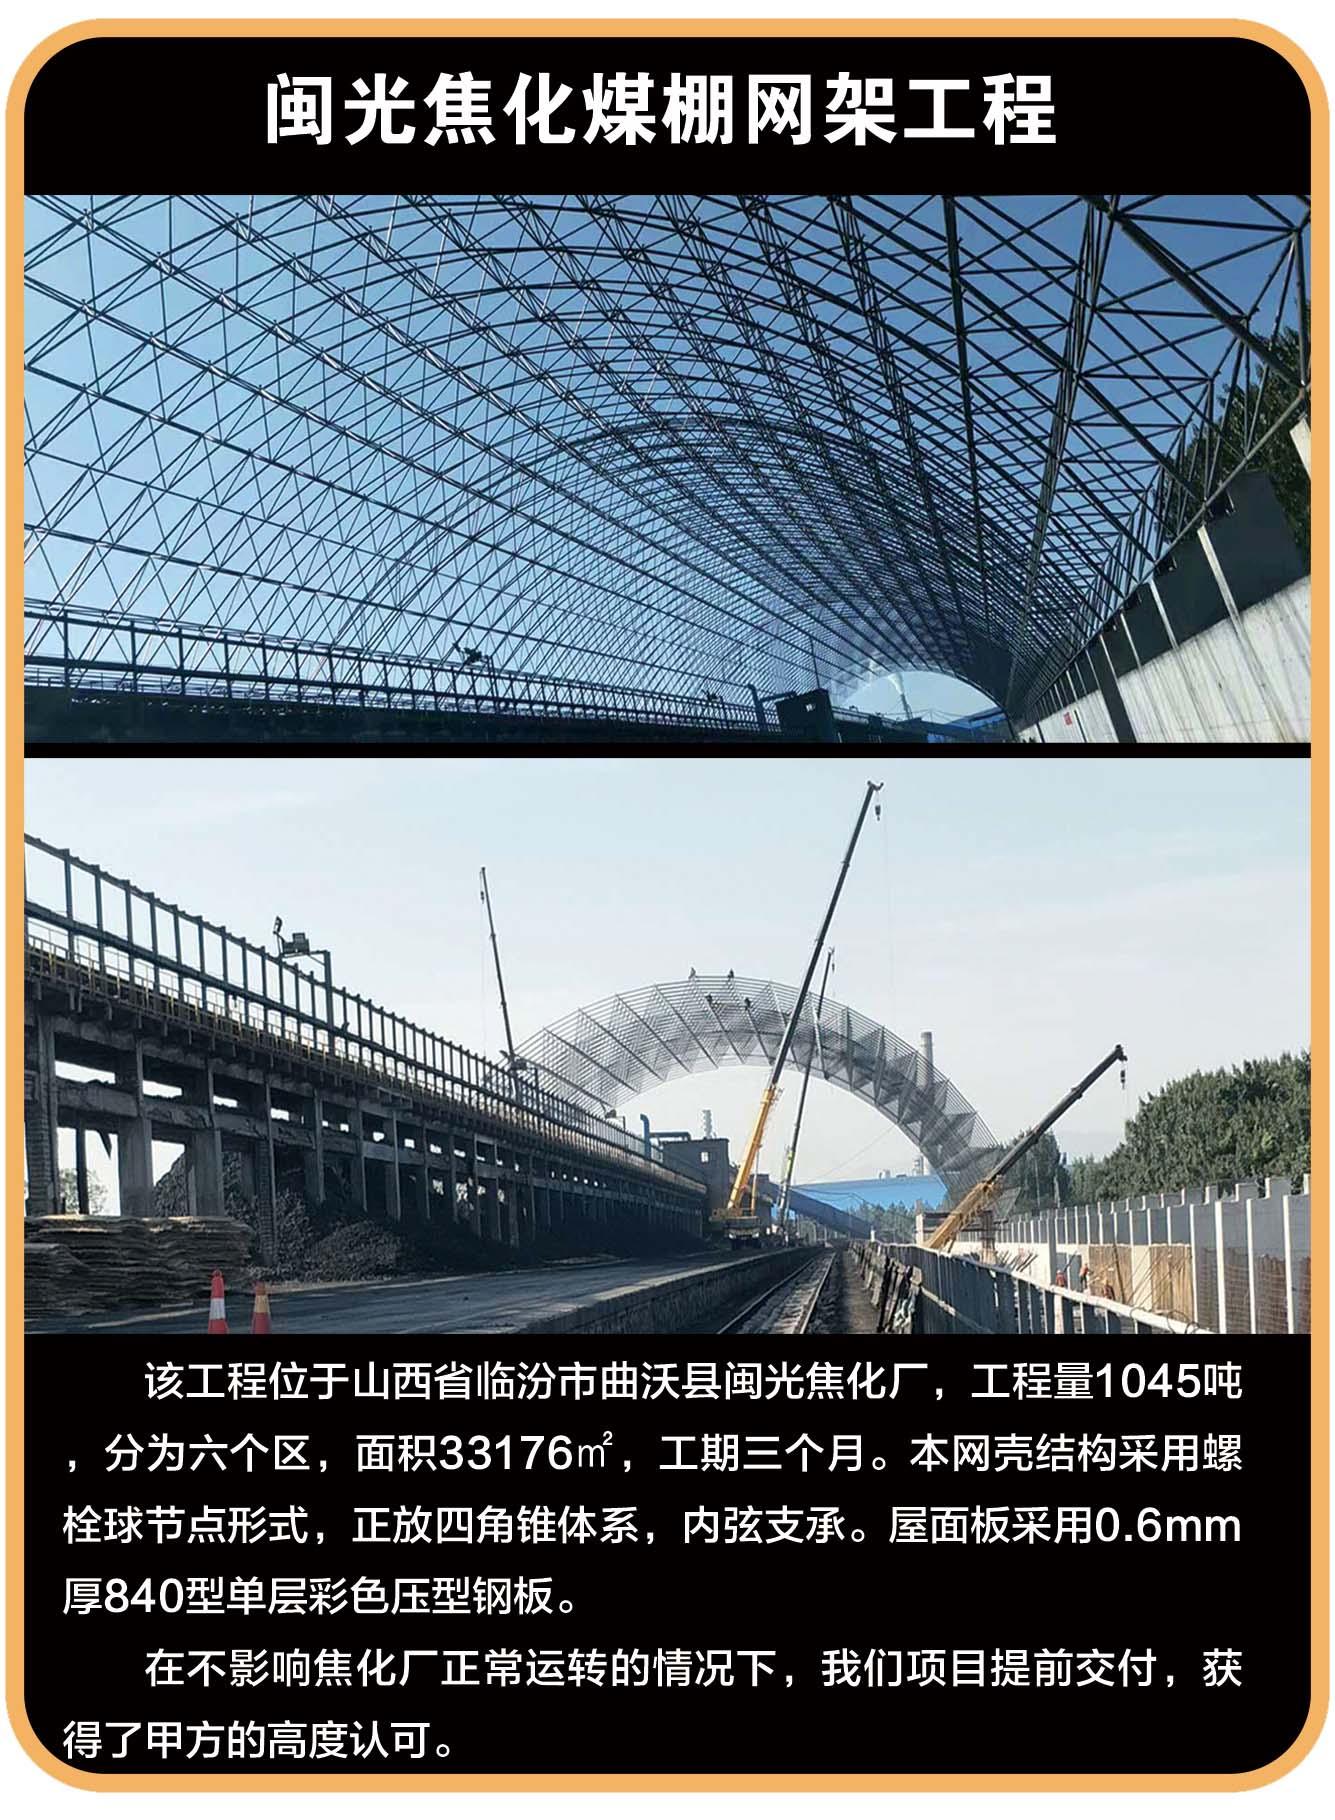 闽光焦化煤棚网架工程